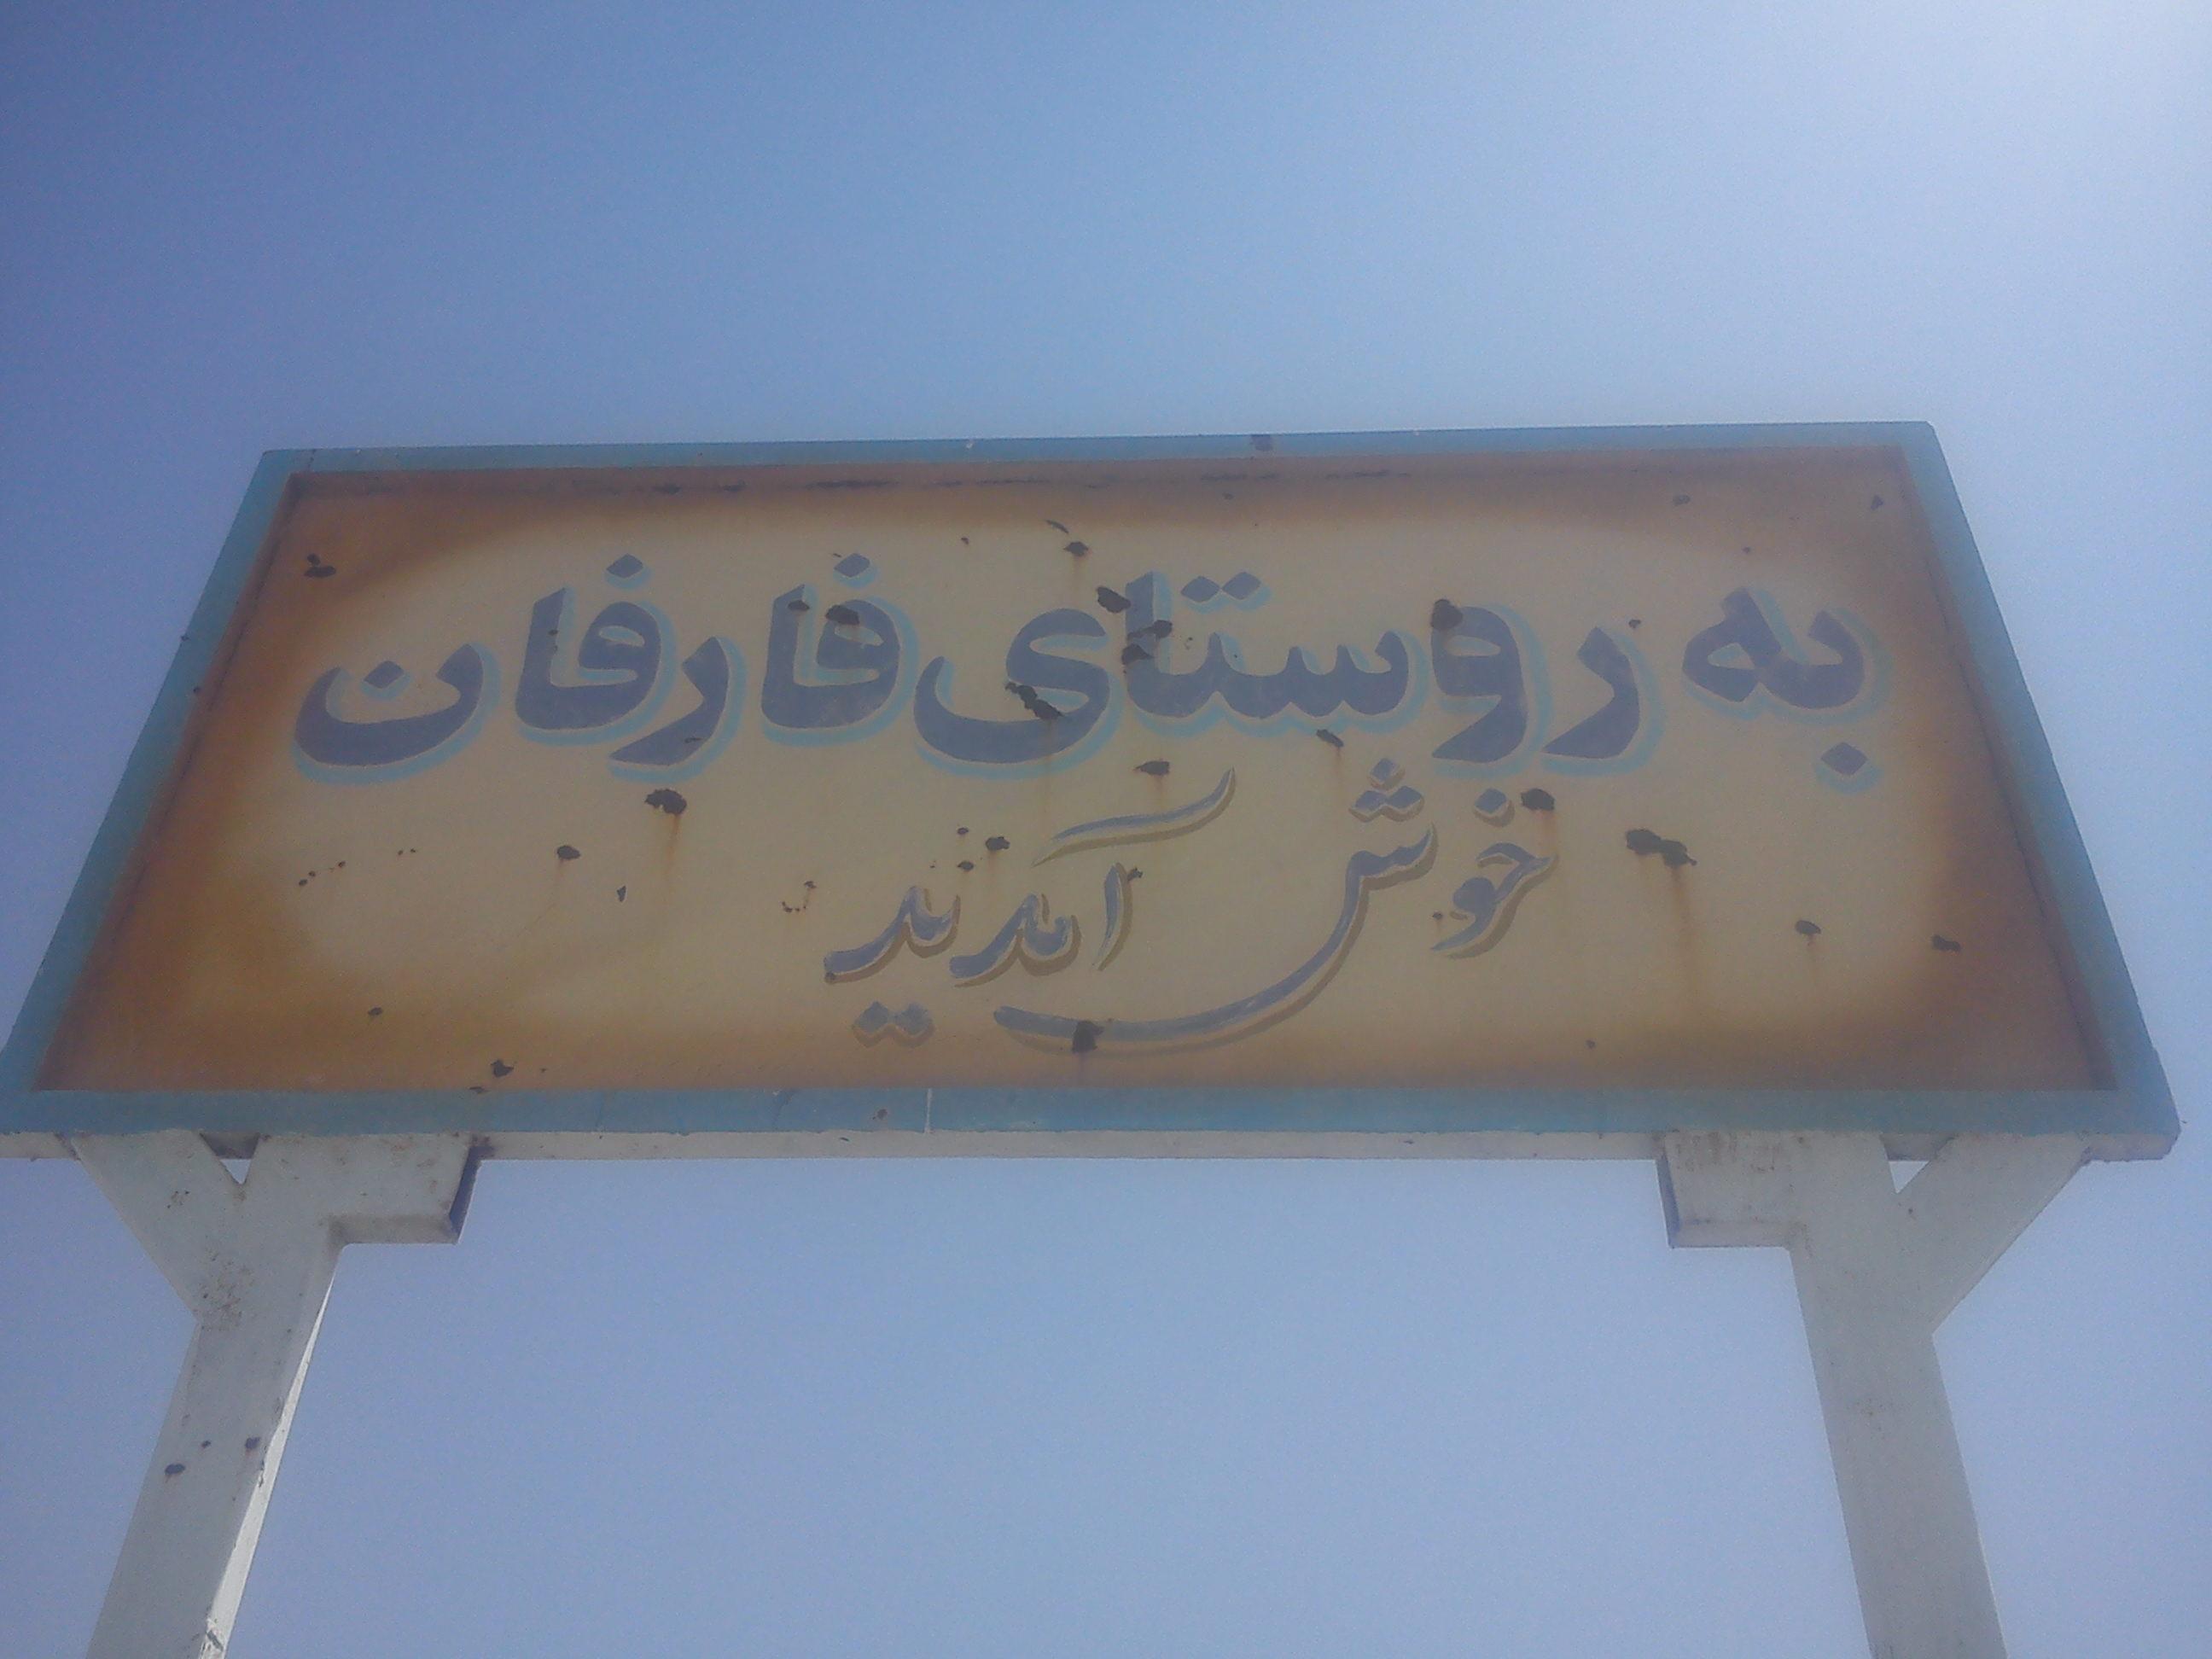 دانلود کلیپ فارفان اولین دهکده اقتصاد مقاومتی استان